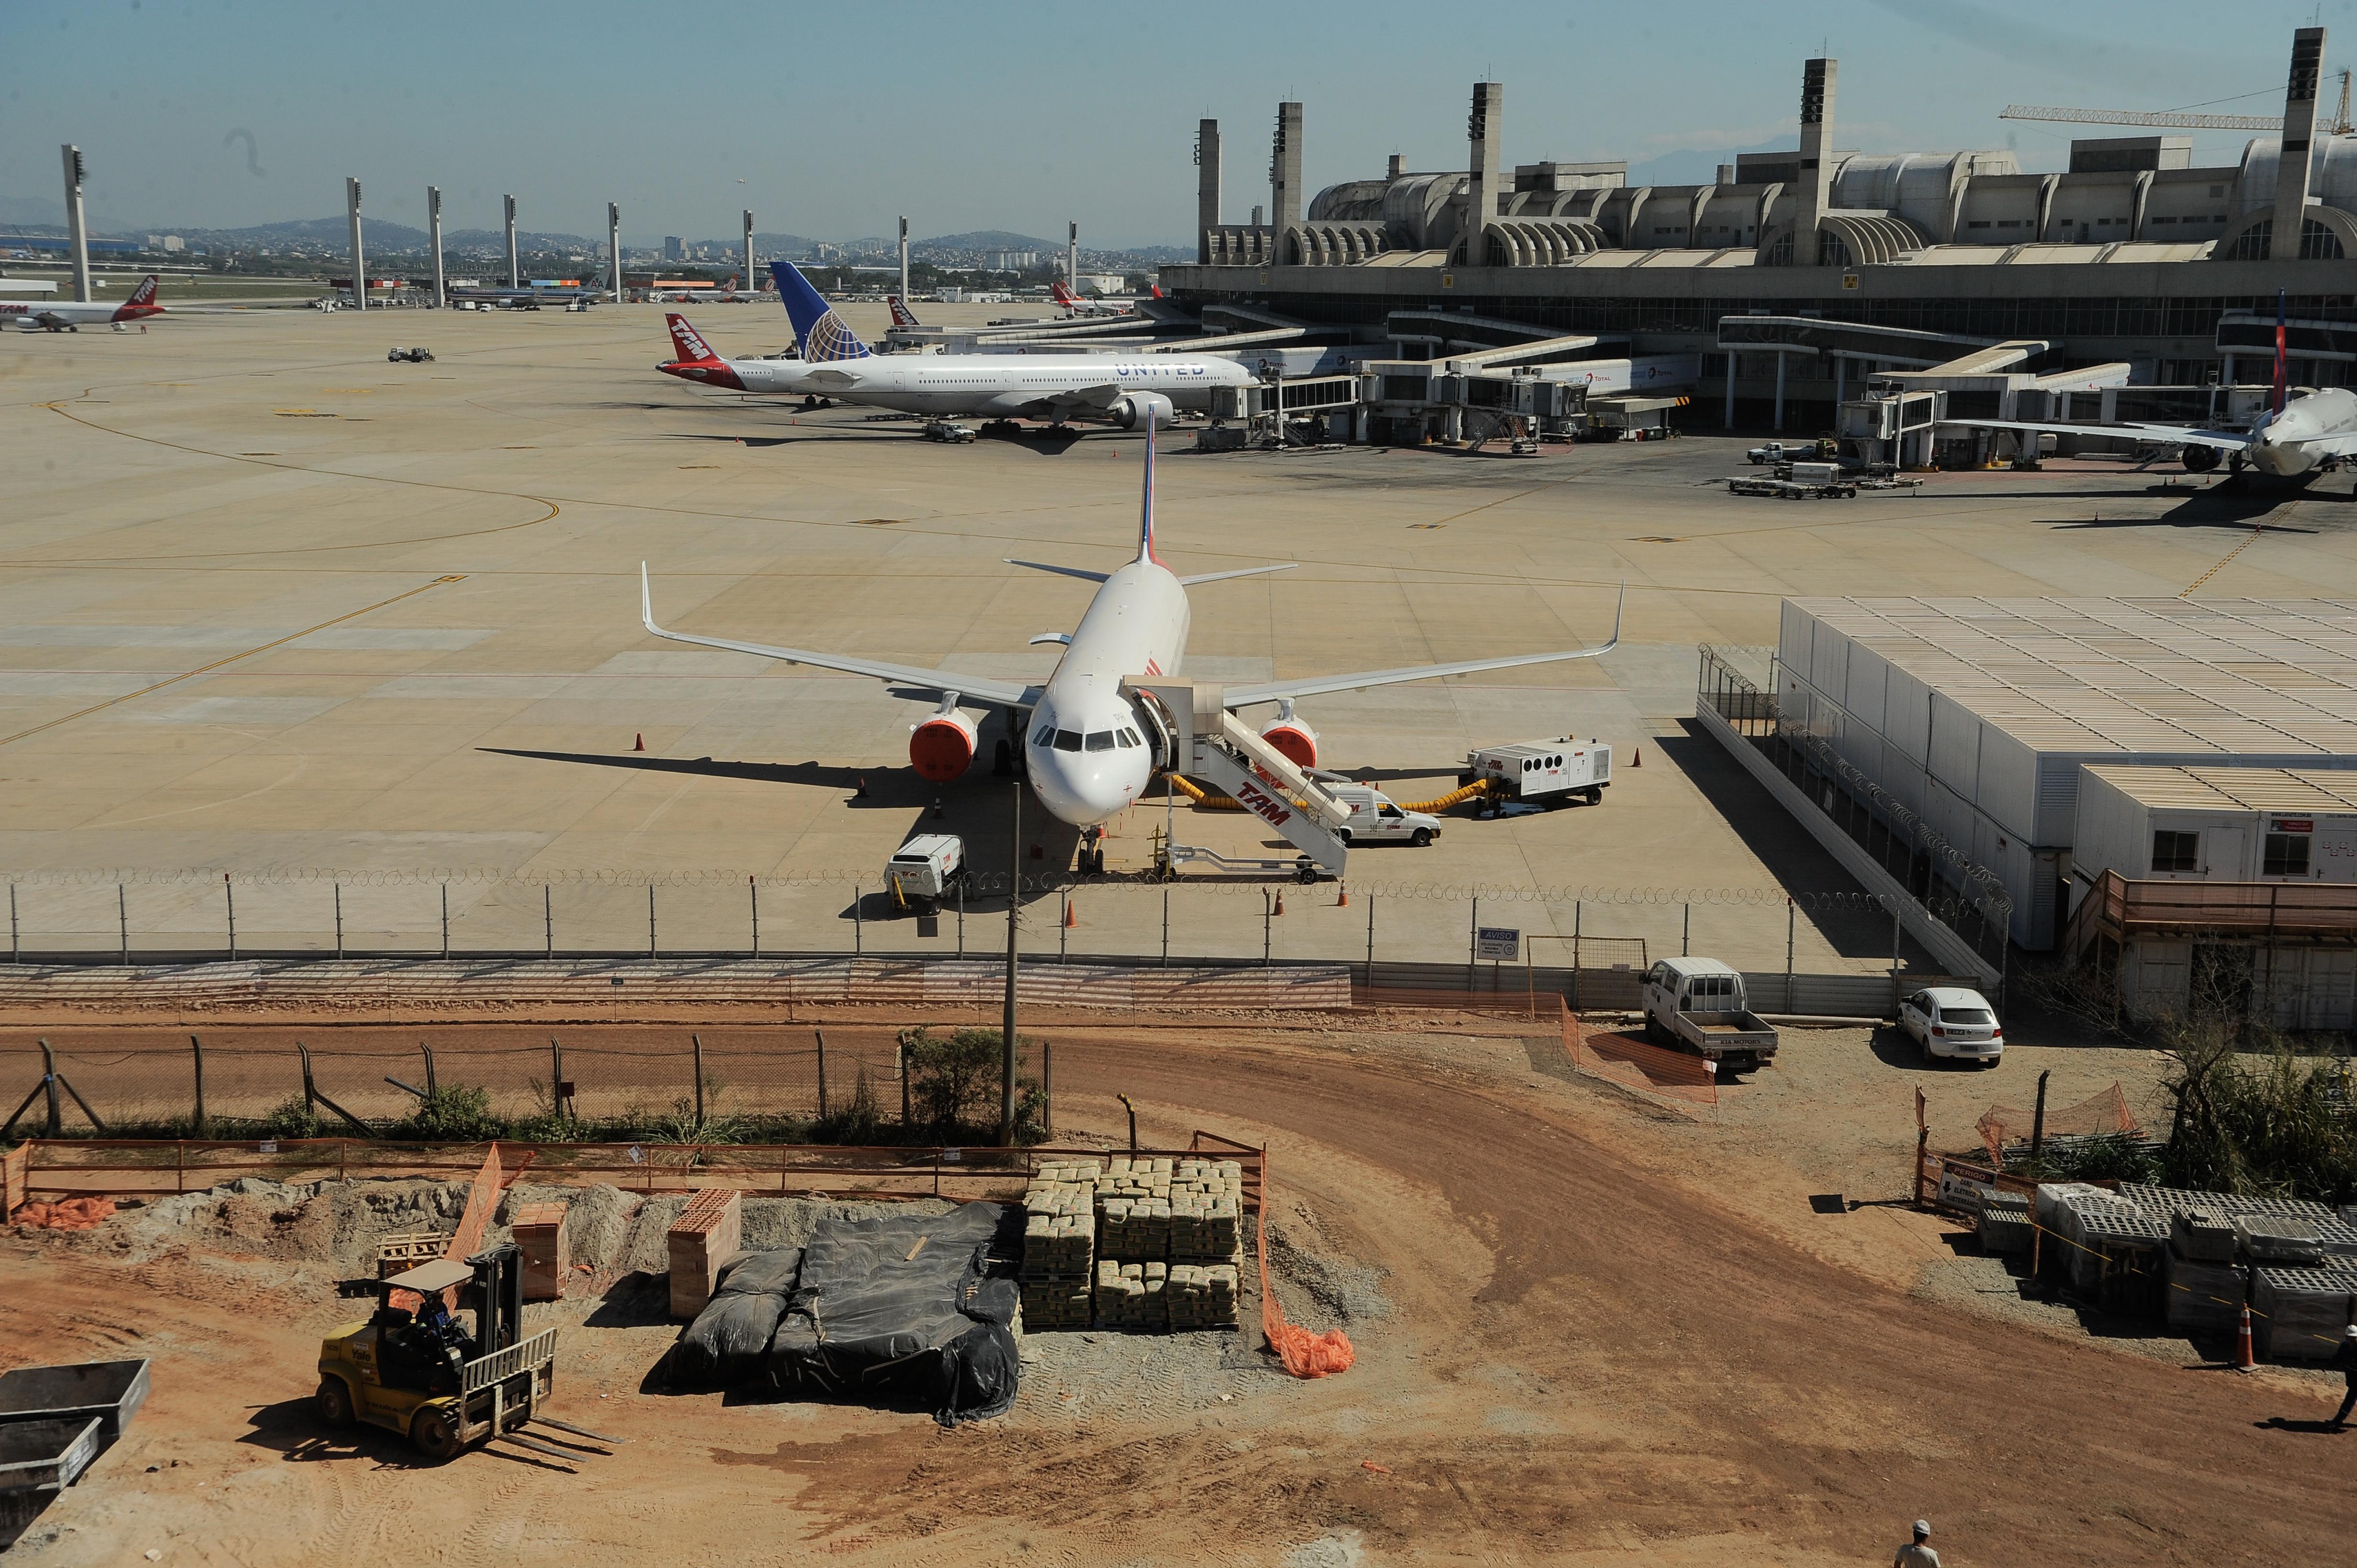 Aeroporto Do : Aeroporto da capital registra queda no movimento de voos e